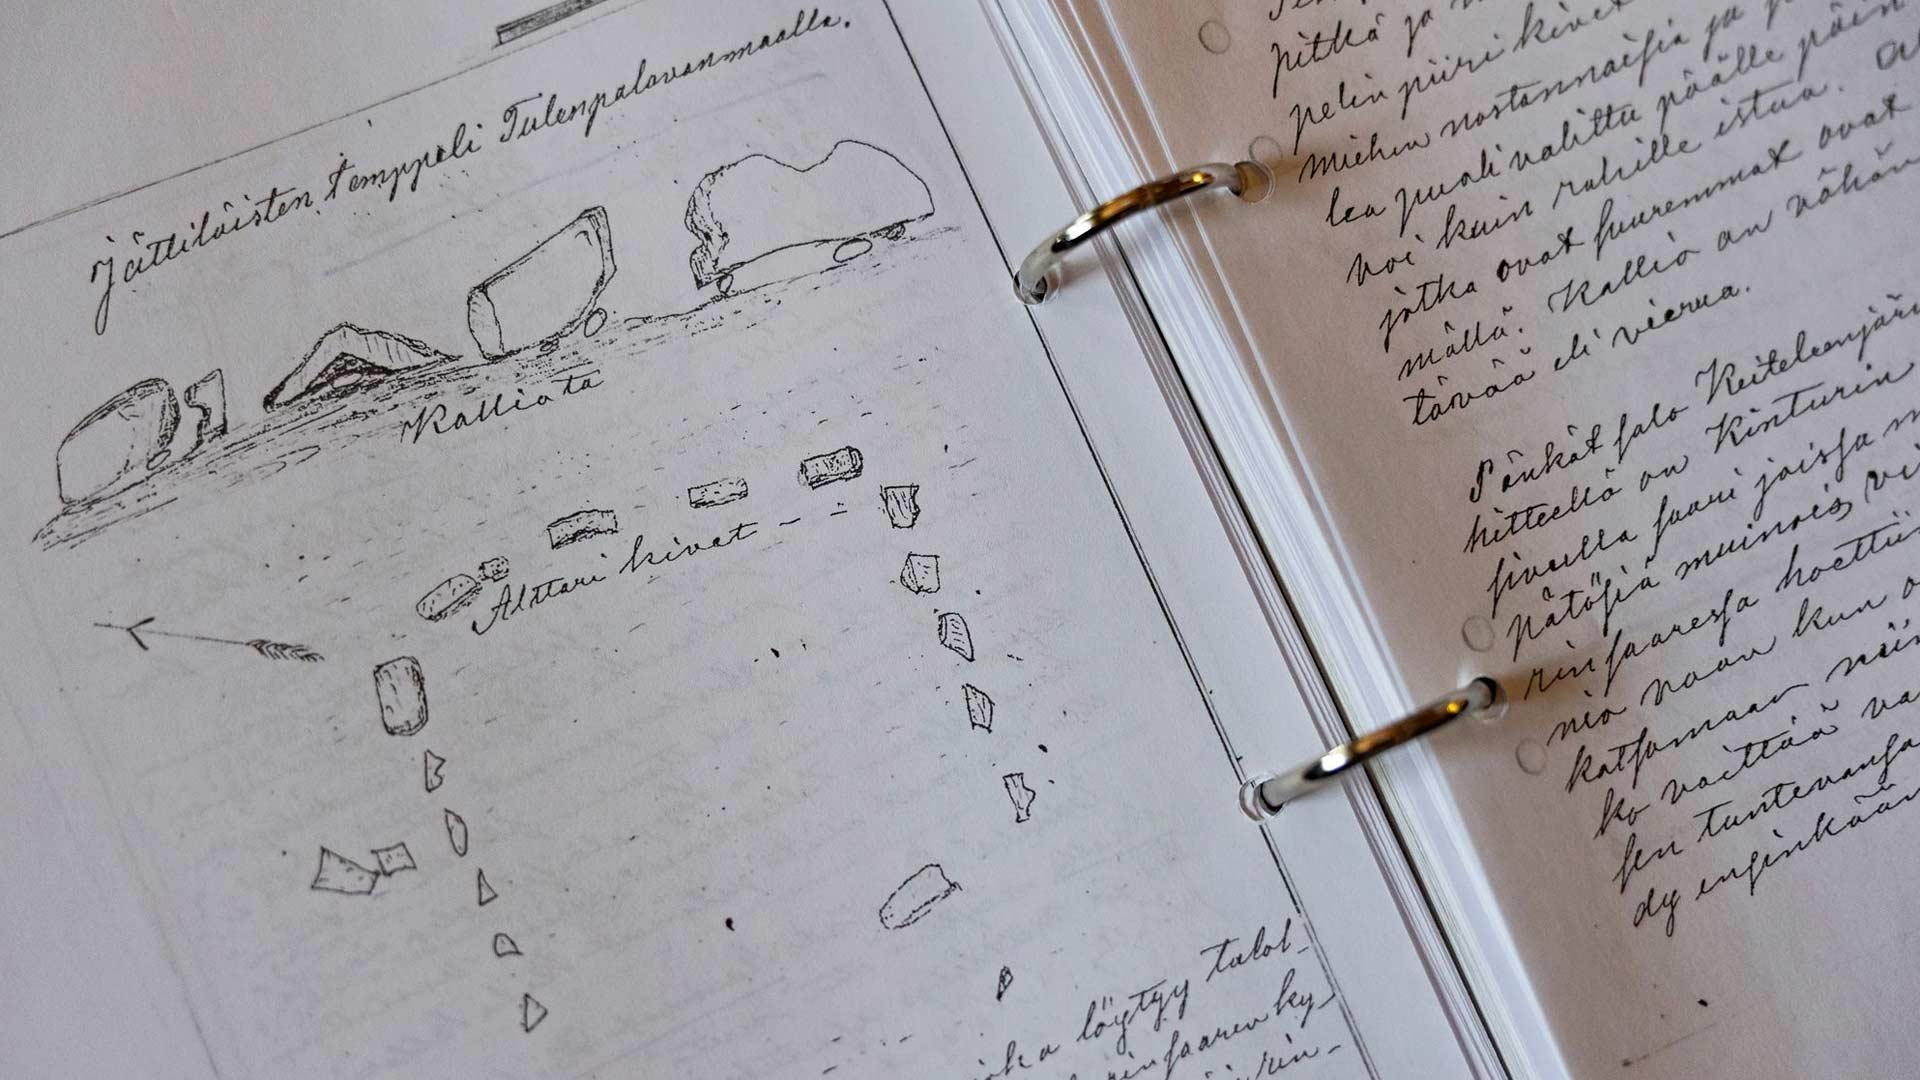 Yhtenä lähteenä Anssi käyttää Henrik Laitisen muistiinpanoja vuodelta 1877. Luonnos jättiläisten temppelistä.